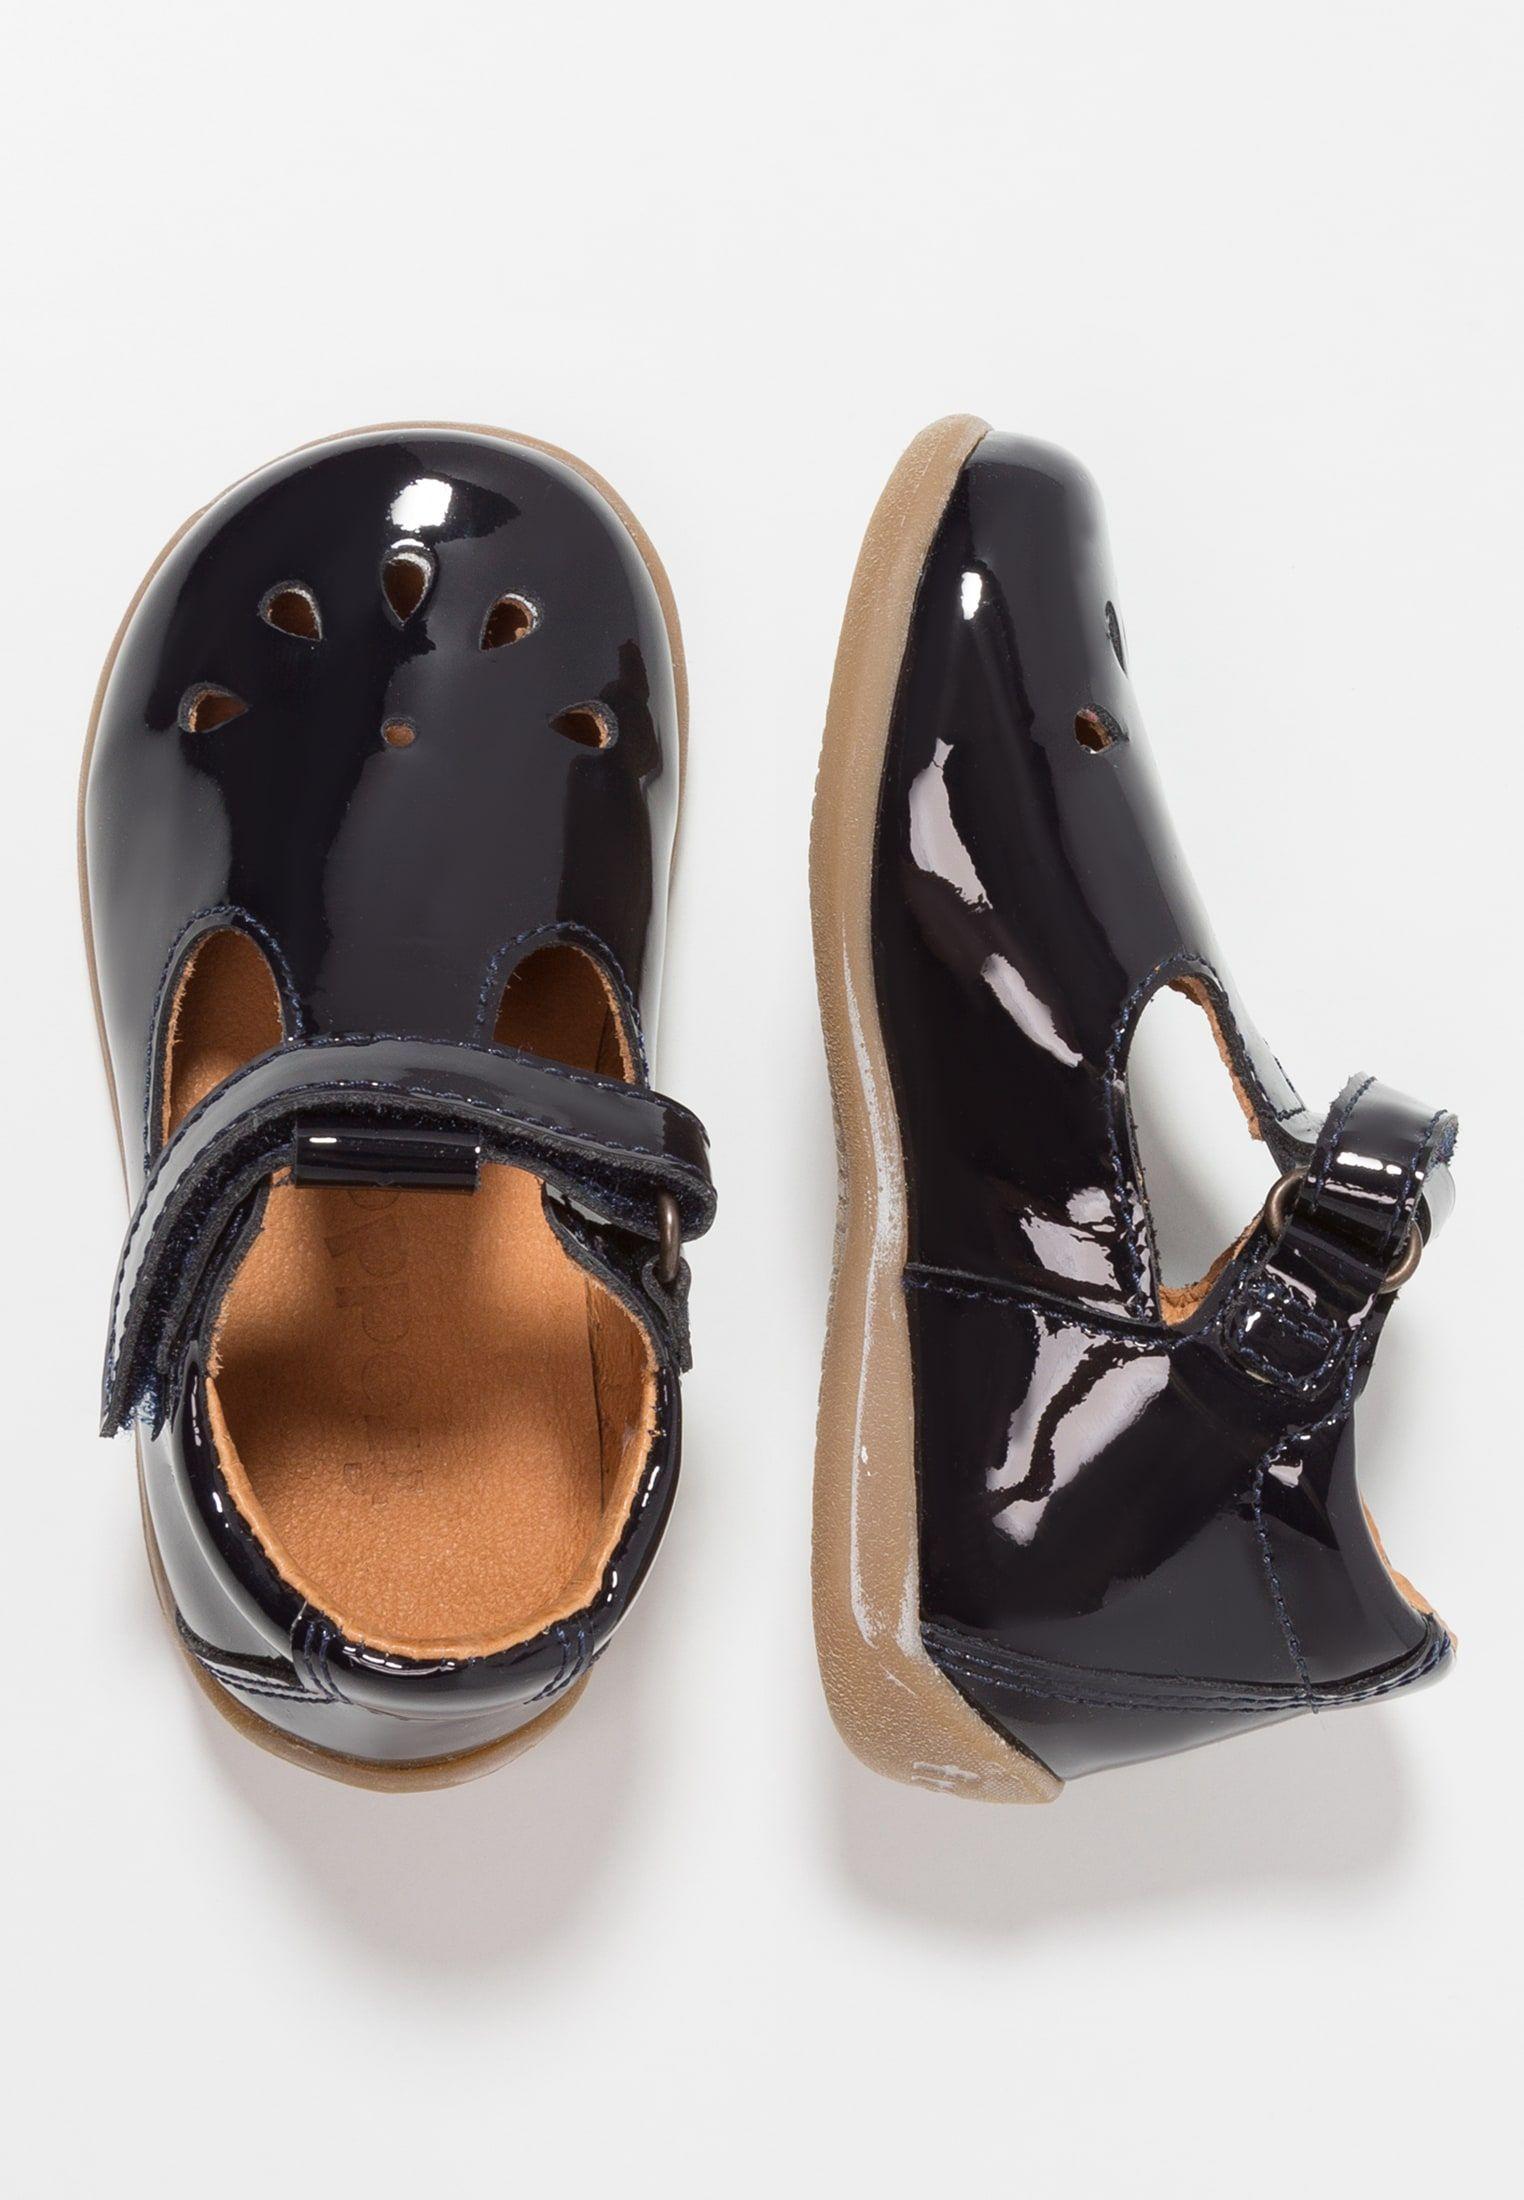 separation shoes ffc3c fb725 Obuwie do nauki chodzenia - blue | Anton ubranka | Sandals ...